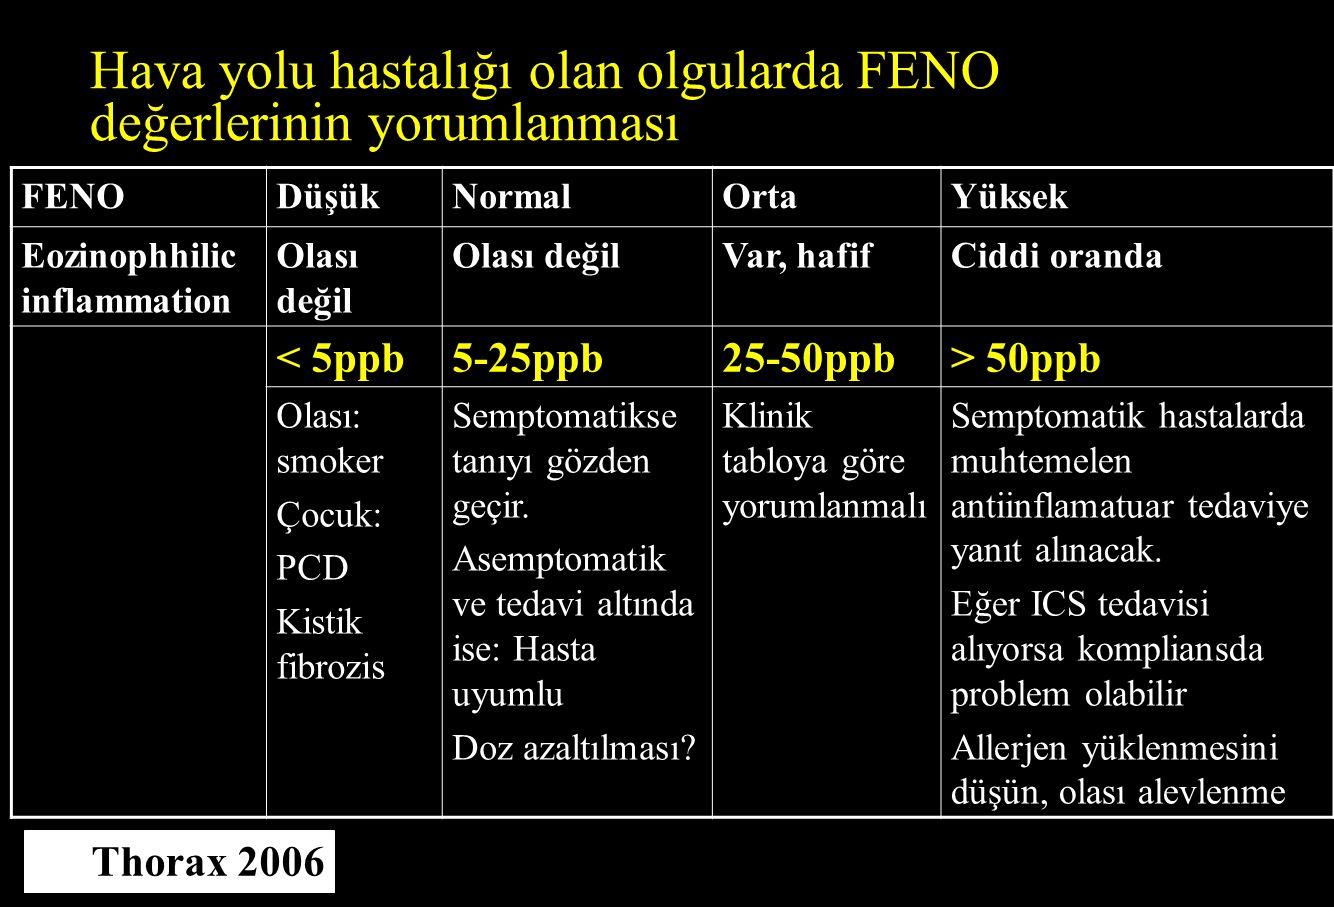 Hava yolu hastalığı olan olgularda FENO değerlerinin yorumlanması FENODüşükNormalOrtaYüksek Eozinophhilic inflammation Olası değil Var, hafifCiddi ora